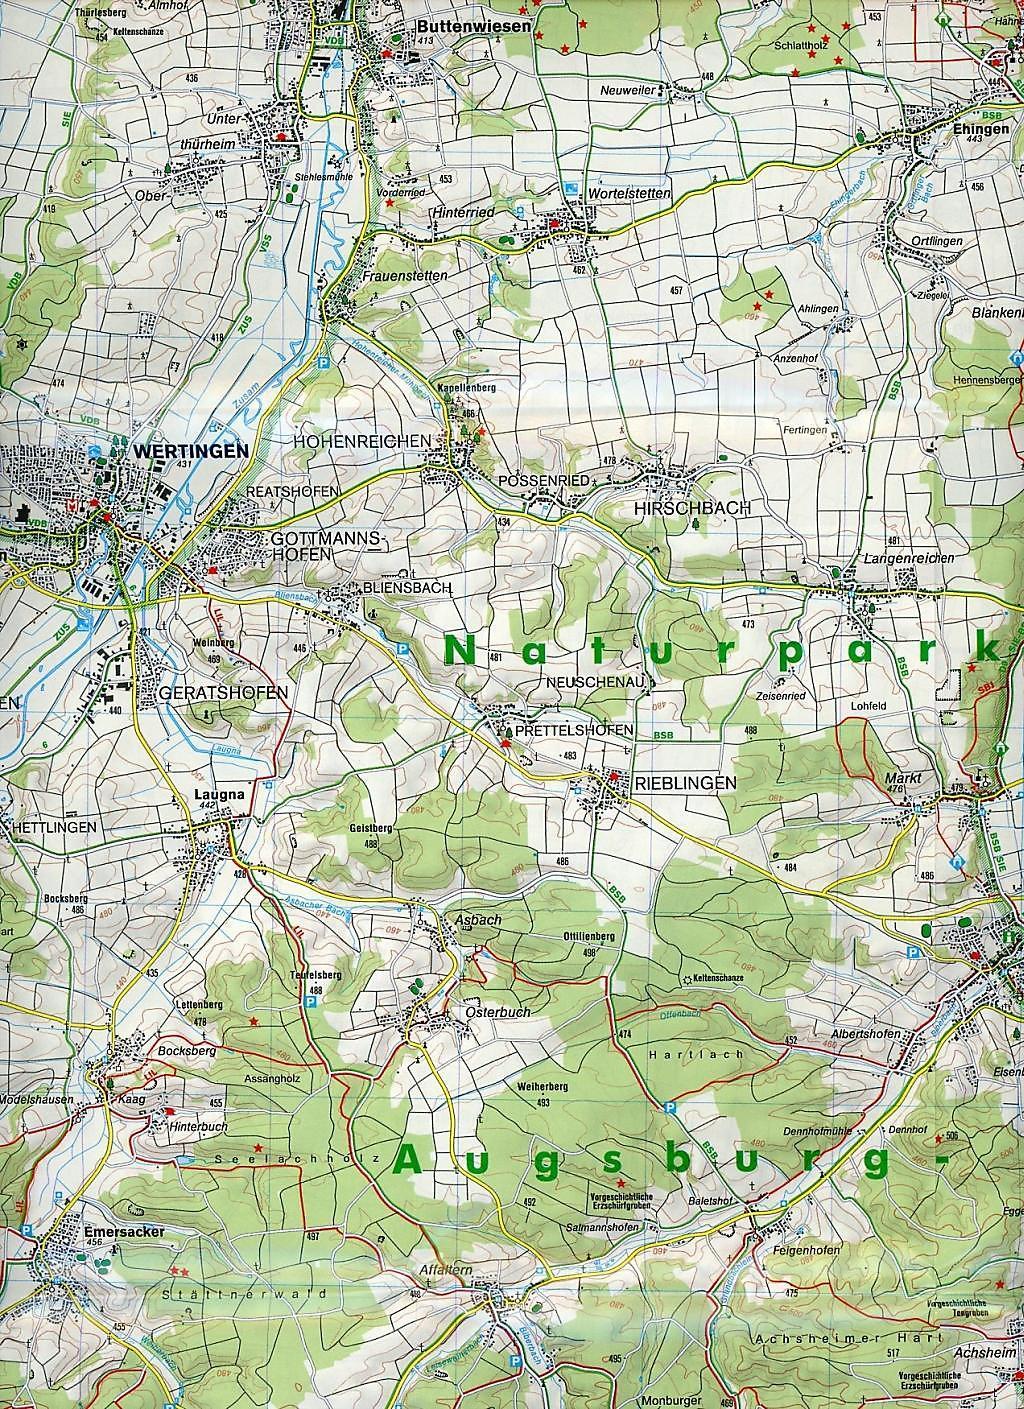 Karte Augsburg.Kompass Karte Augsburg Westliche Walder Buch Weltbild De